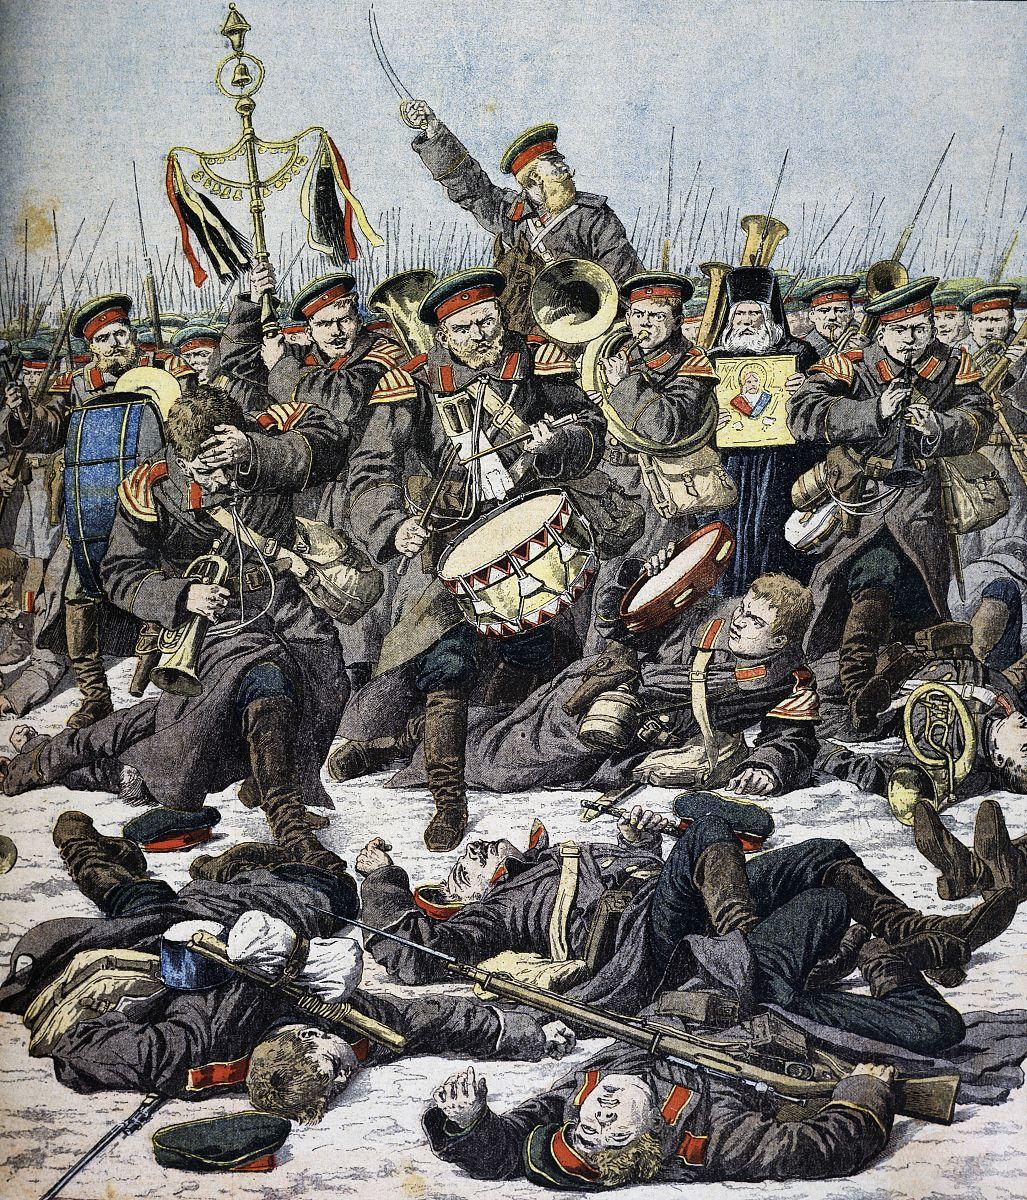 俄罗斯军乐继续发挥战斗打响了ca的鸭绿江畔,从小报,1904插图,日俄图片